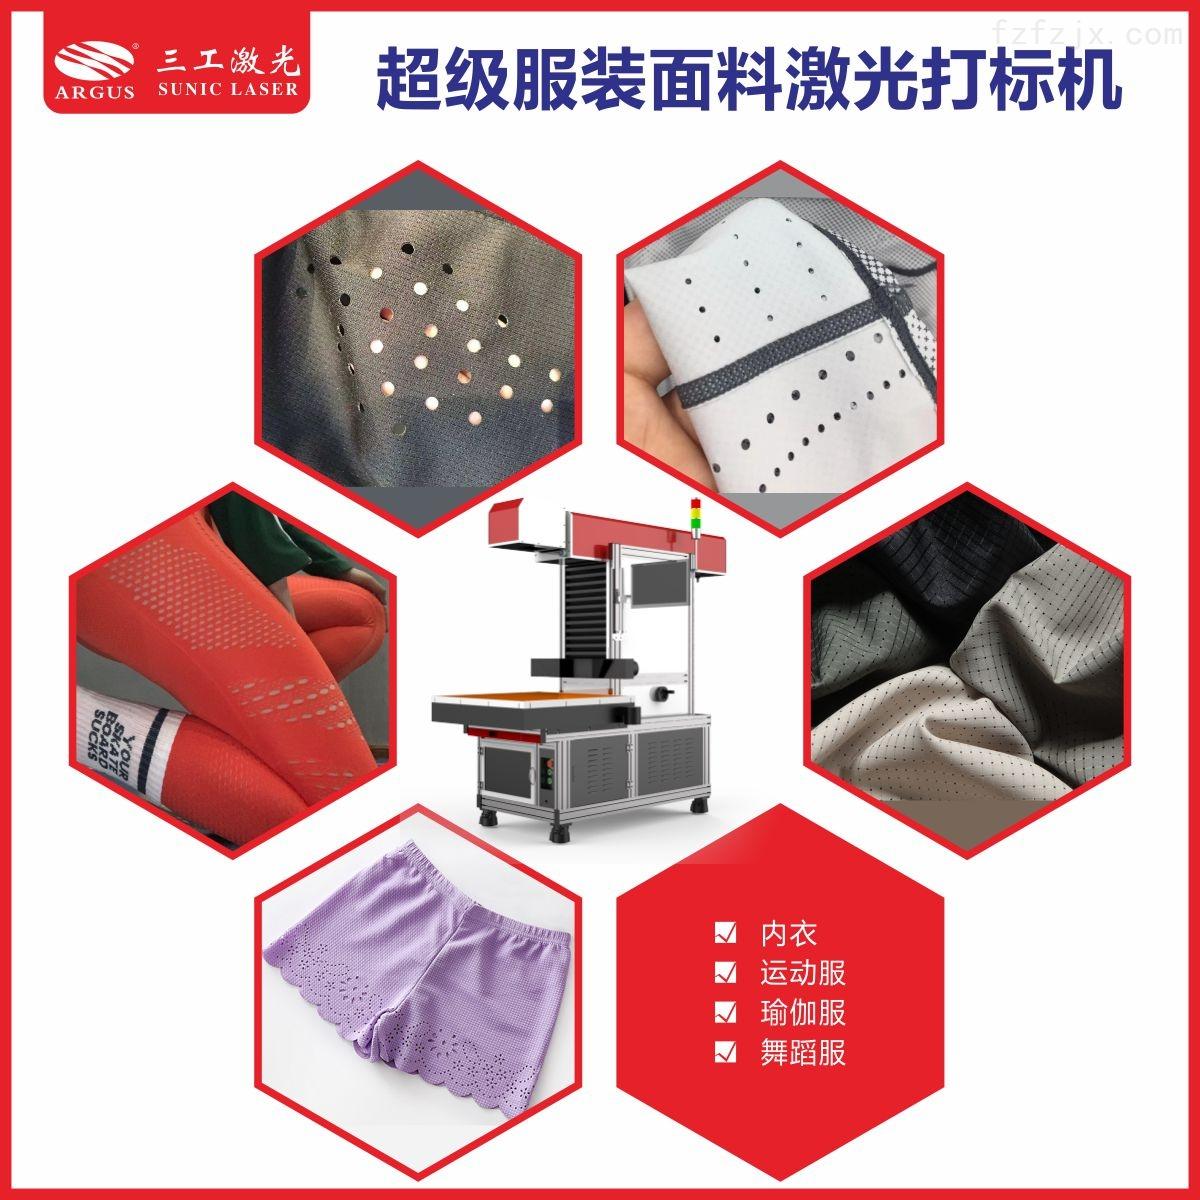 服装面料激光打标机 多功能打孔切割机